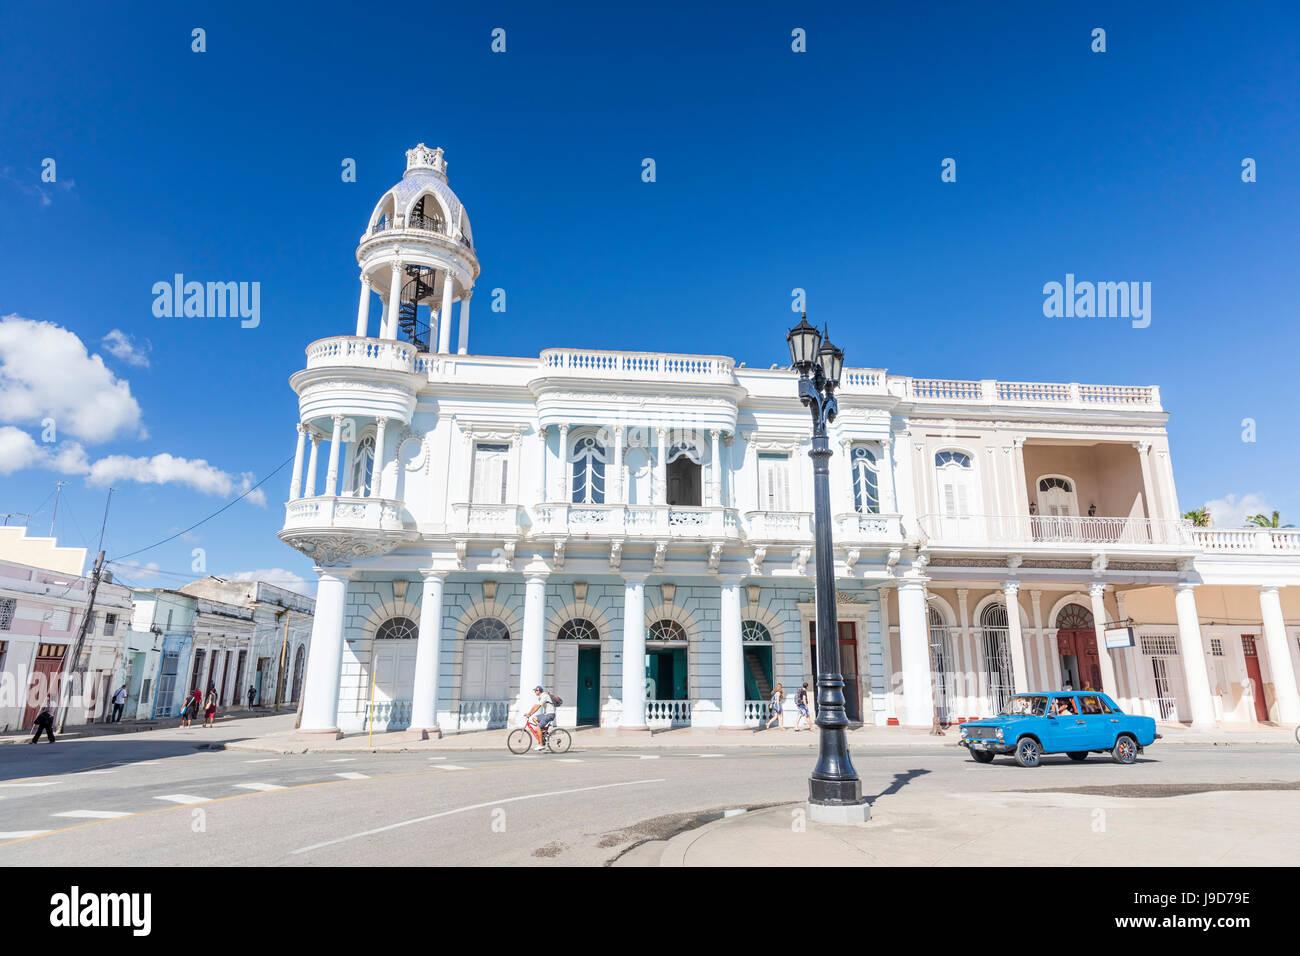 Casa de Cultura in the Palacio Ferrer from Plaza Jose Marti, Cienfuegos, UNESCO, Cuba, West Indies, Caribbean - Stock Image